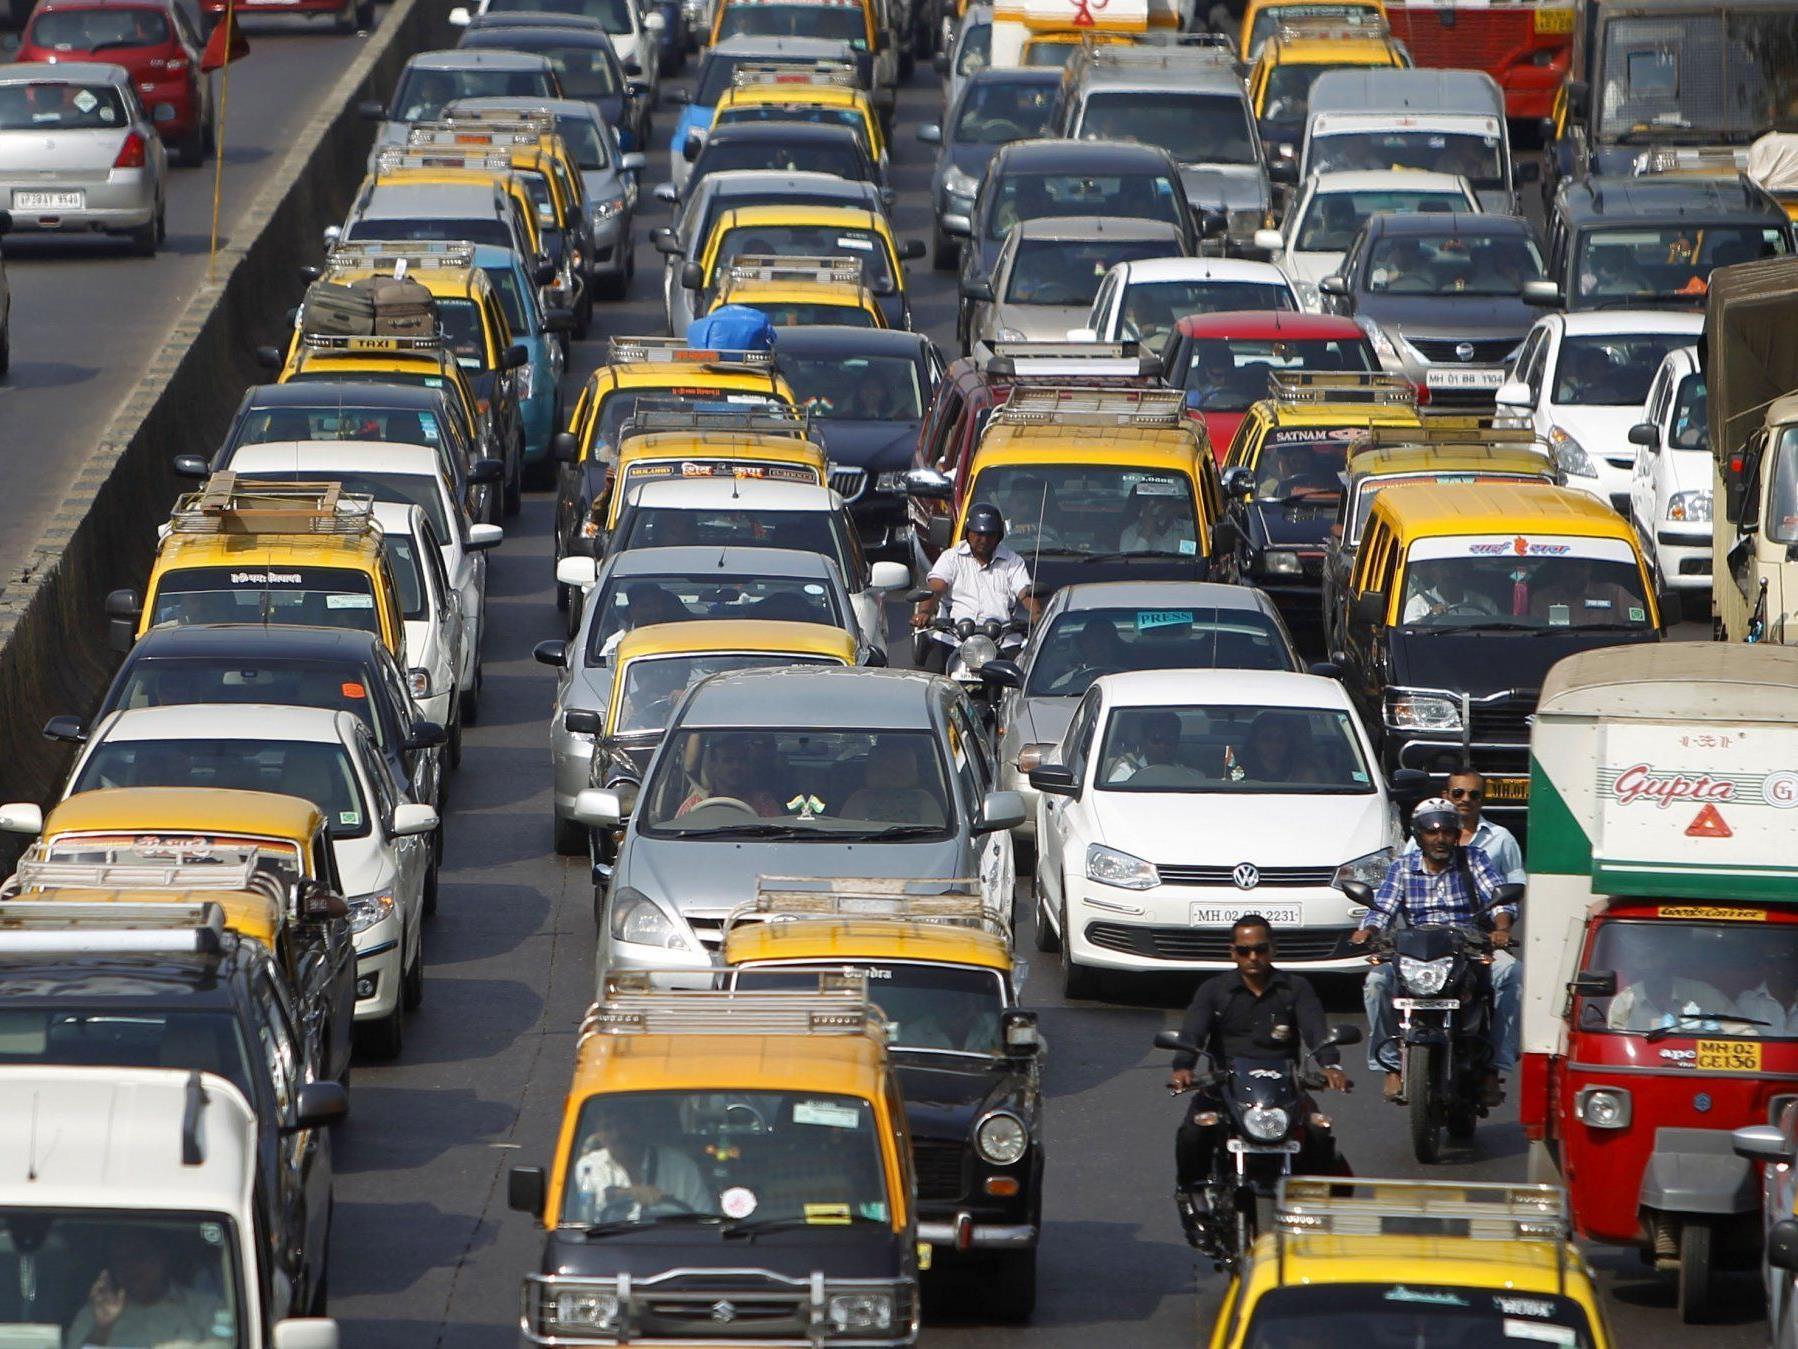 In Mumbai wird im Kampf durch das Verkehrschaos an einem Tag soviel gehupt wie in Deutschland in einem ganzen Jahr.